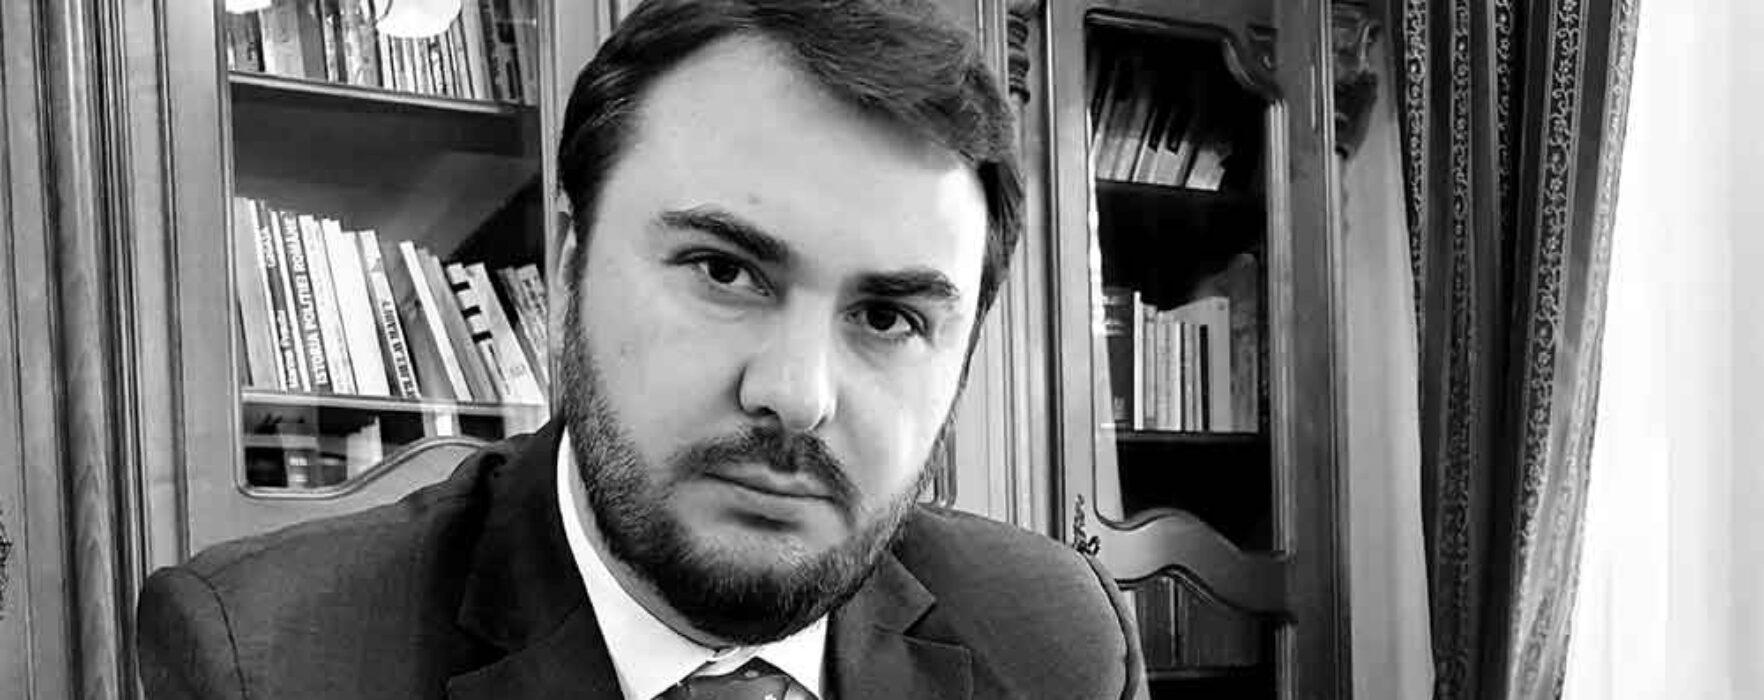 Vicar eparhial Ionuţ Ghibanu: Nu putem rămâne orbi și muți la chemarea prezentului! Să avem grijă pe cine apreciem și alegem!